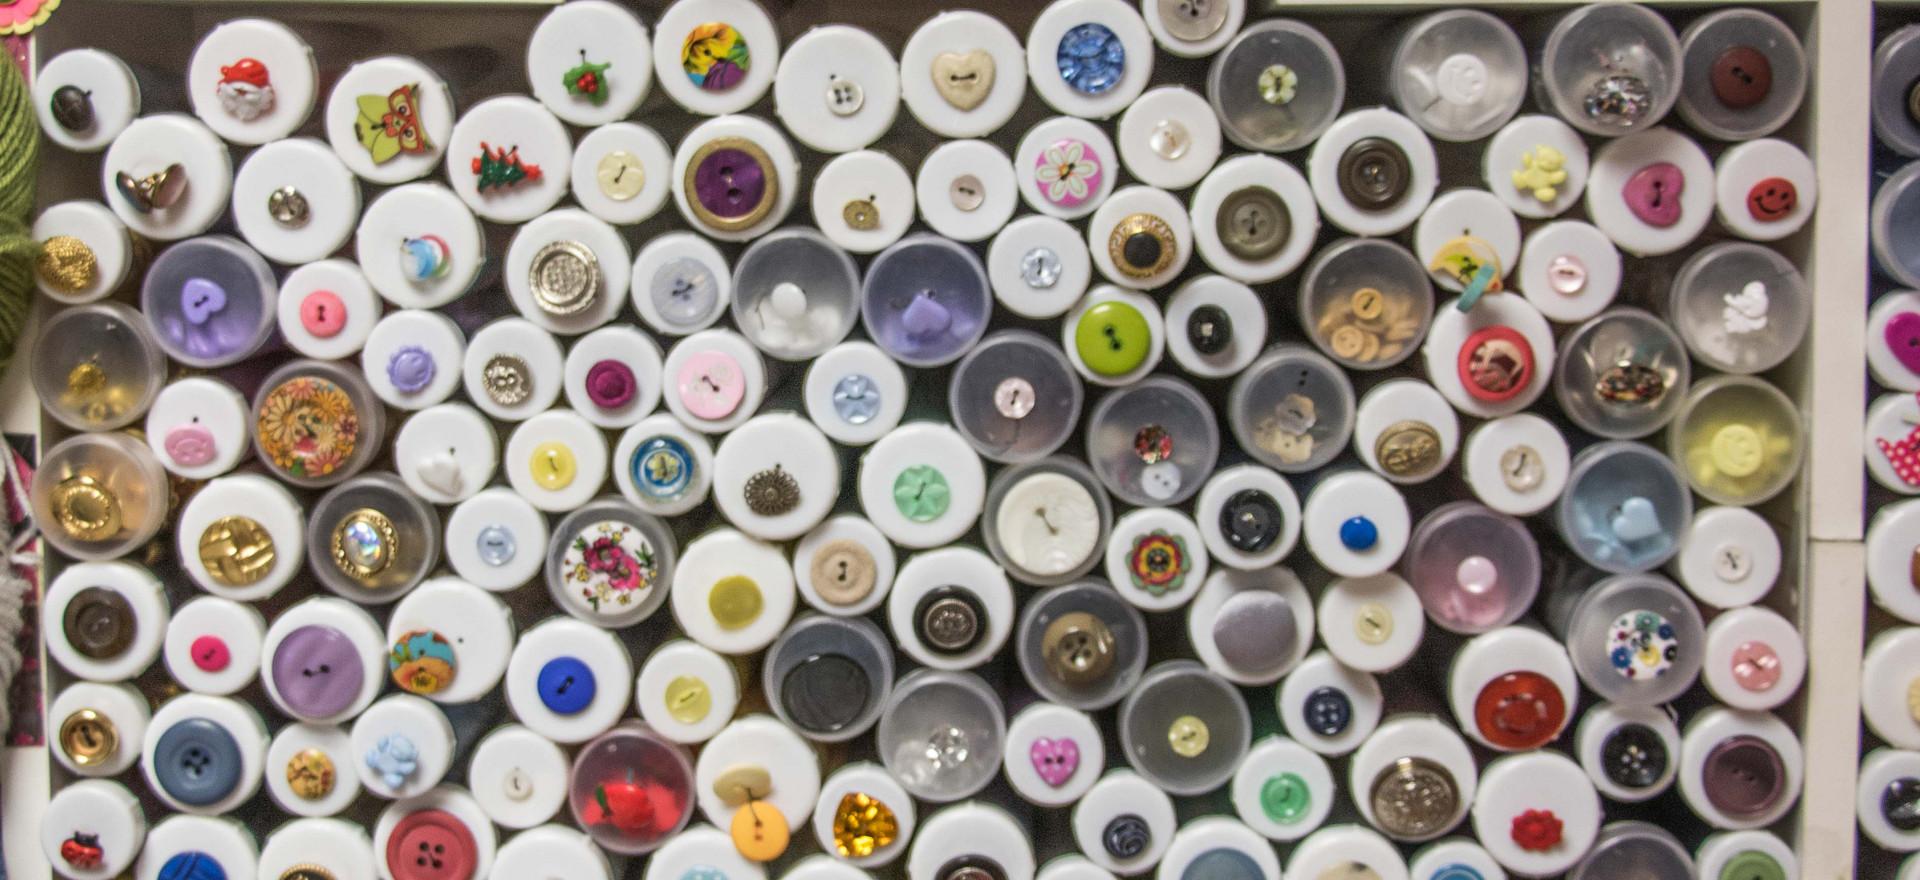 buttons2 (1 of 1).jpg